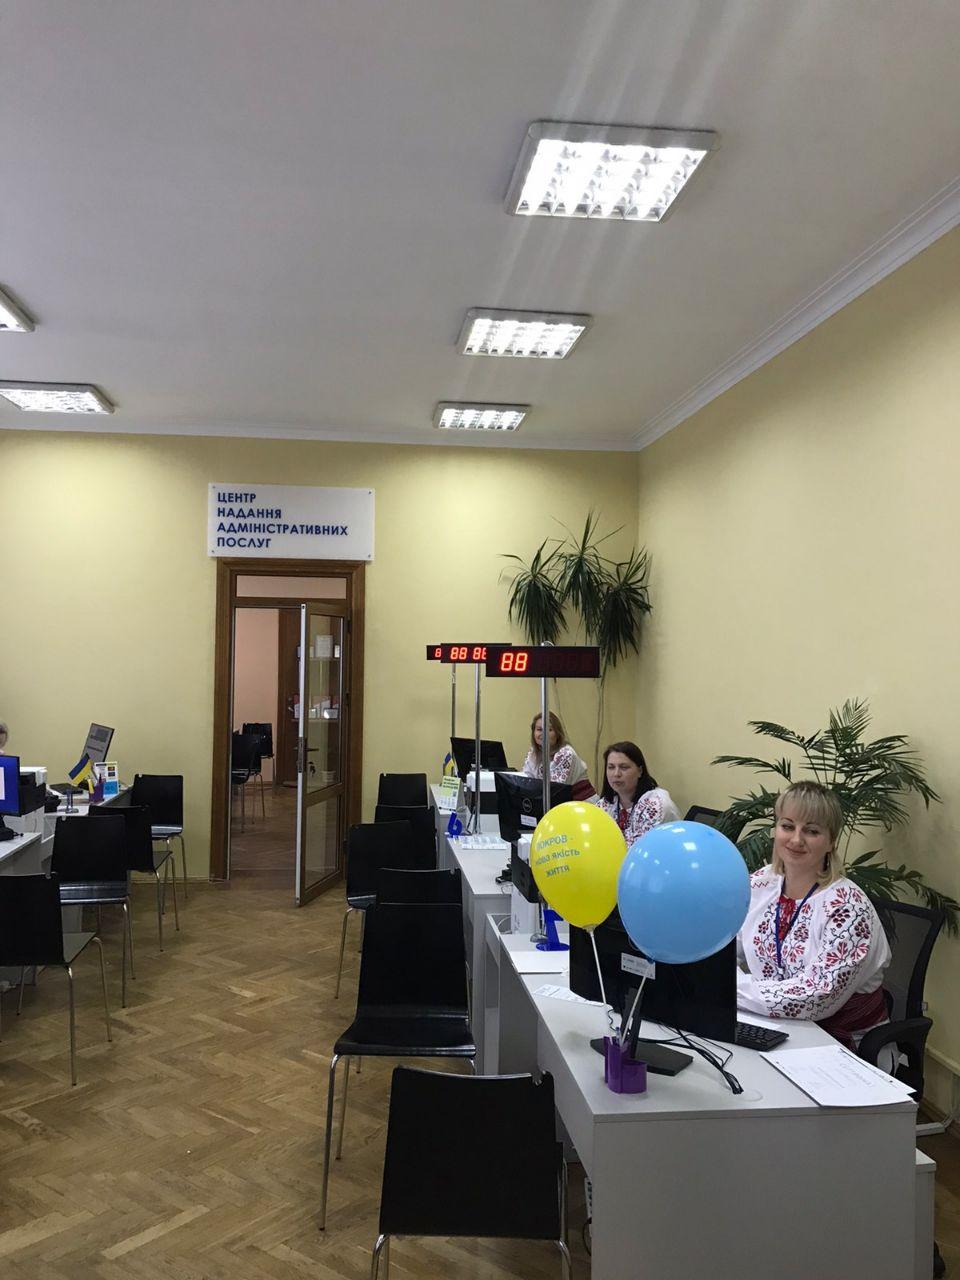 Нині на Дніпропетровщині – 62 Центри надання адмінпослуг з філіями